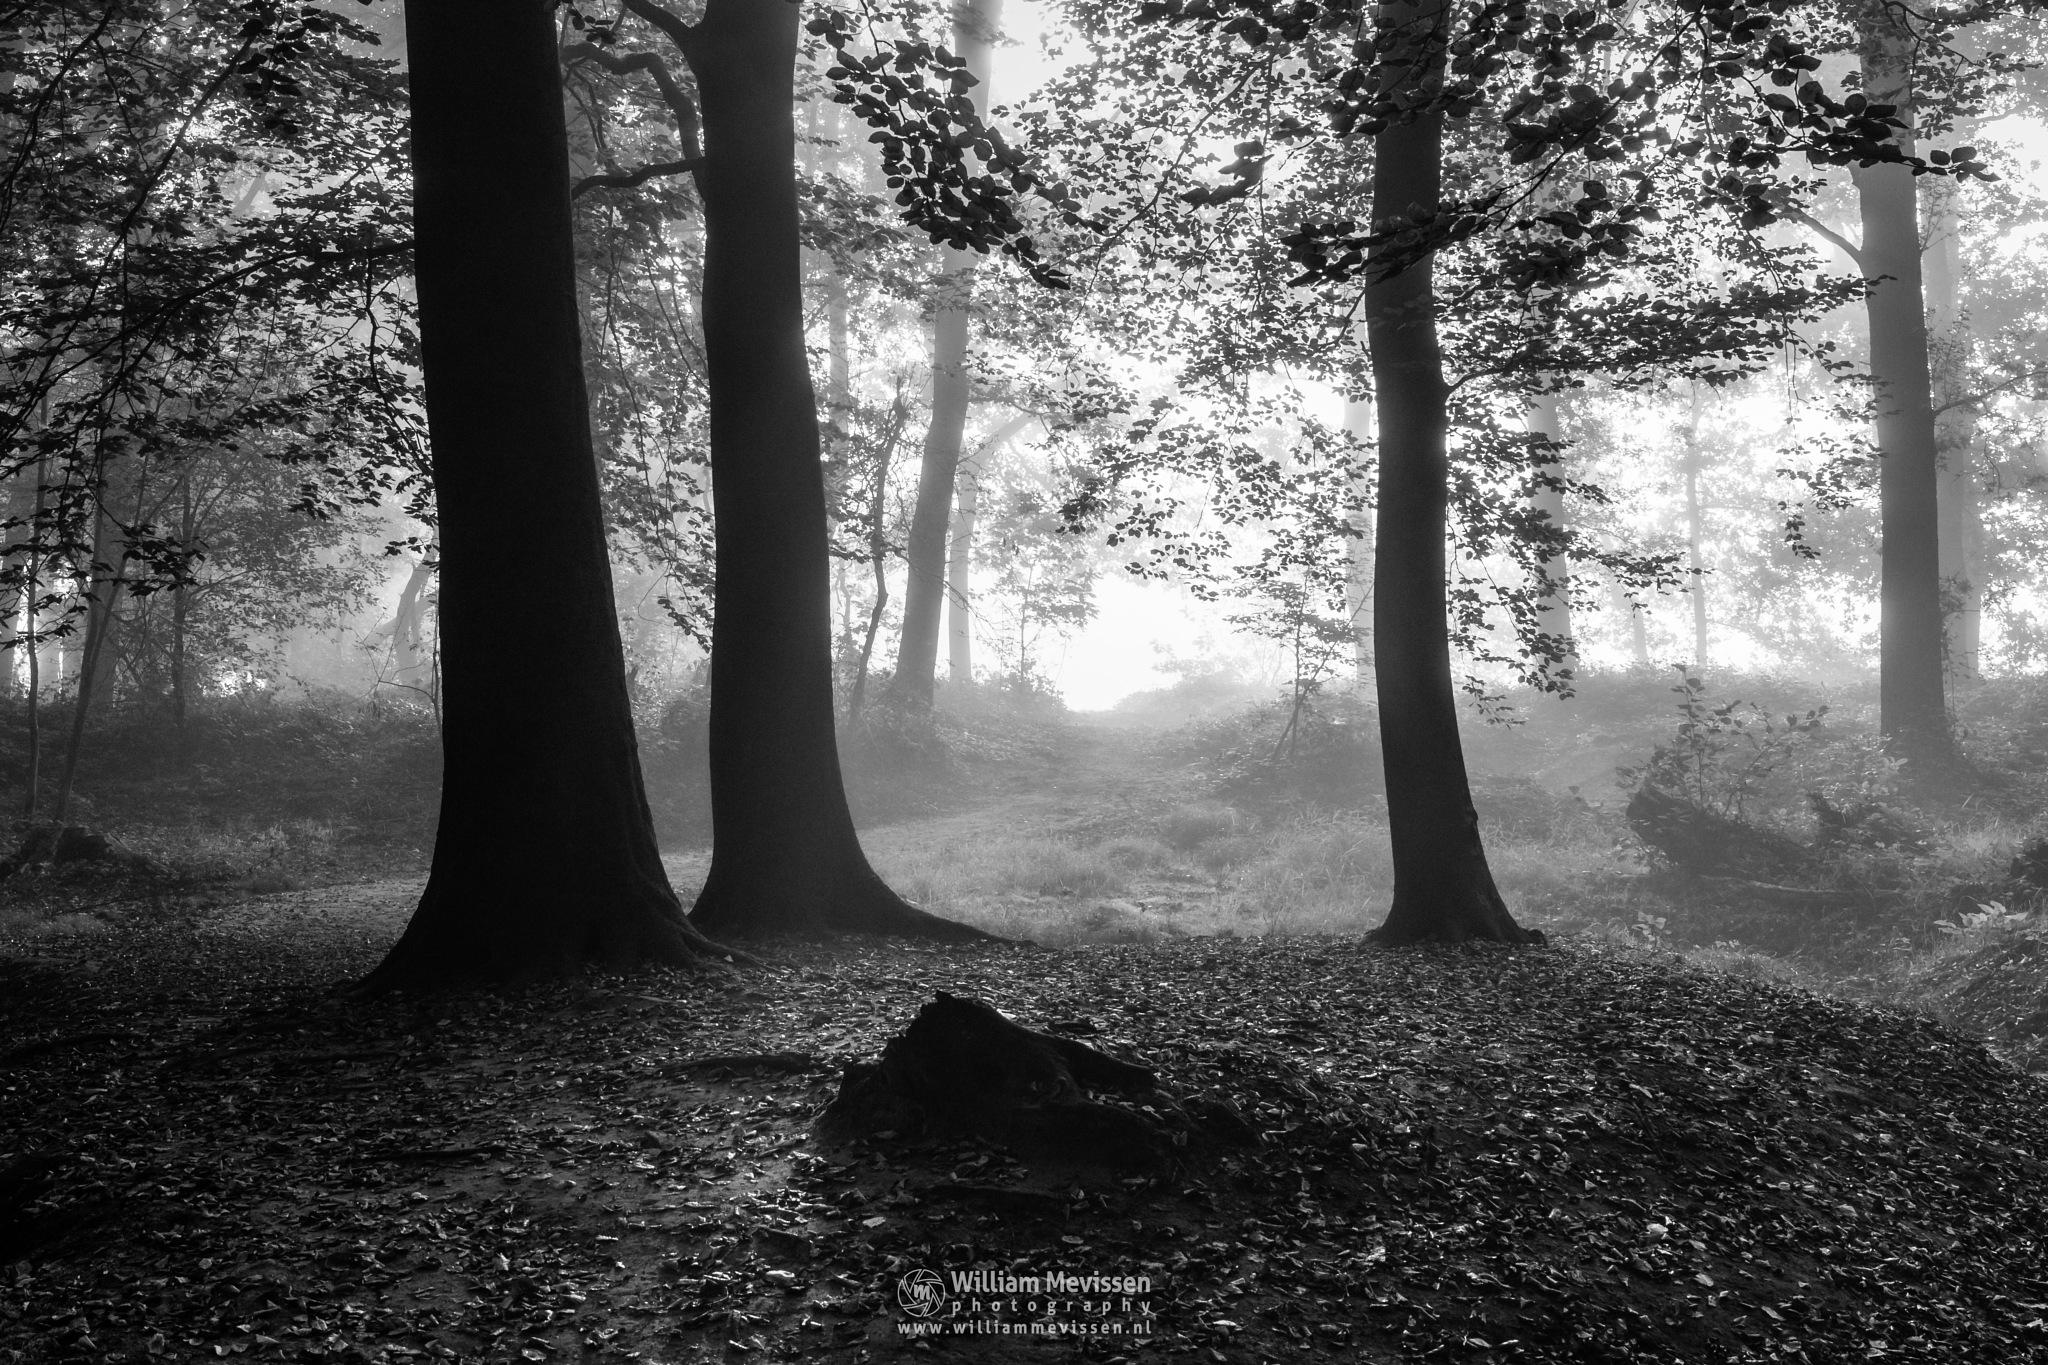 Photo in Black and White #geijsteren #venray #oostrum #landgoed geijsteren #limburg #noord-limburg #nature #woods #geysteren #forest #light #tree #trees #path #mist #fog #silhouettes #blackandwhite #b&w